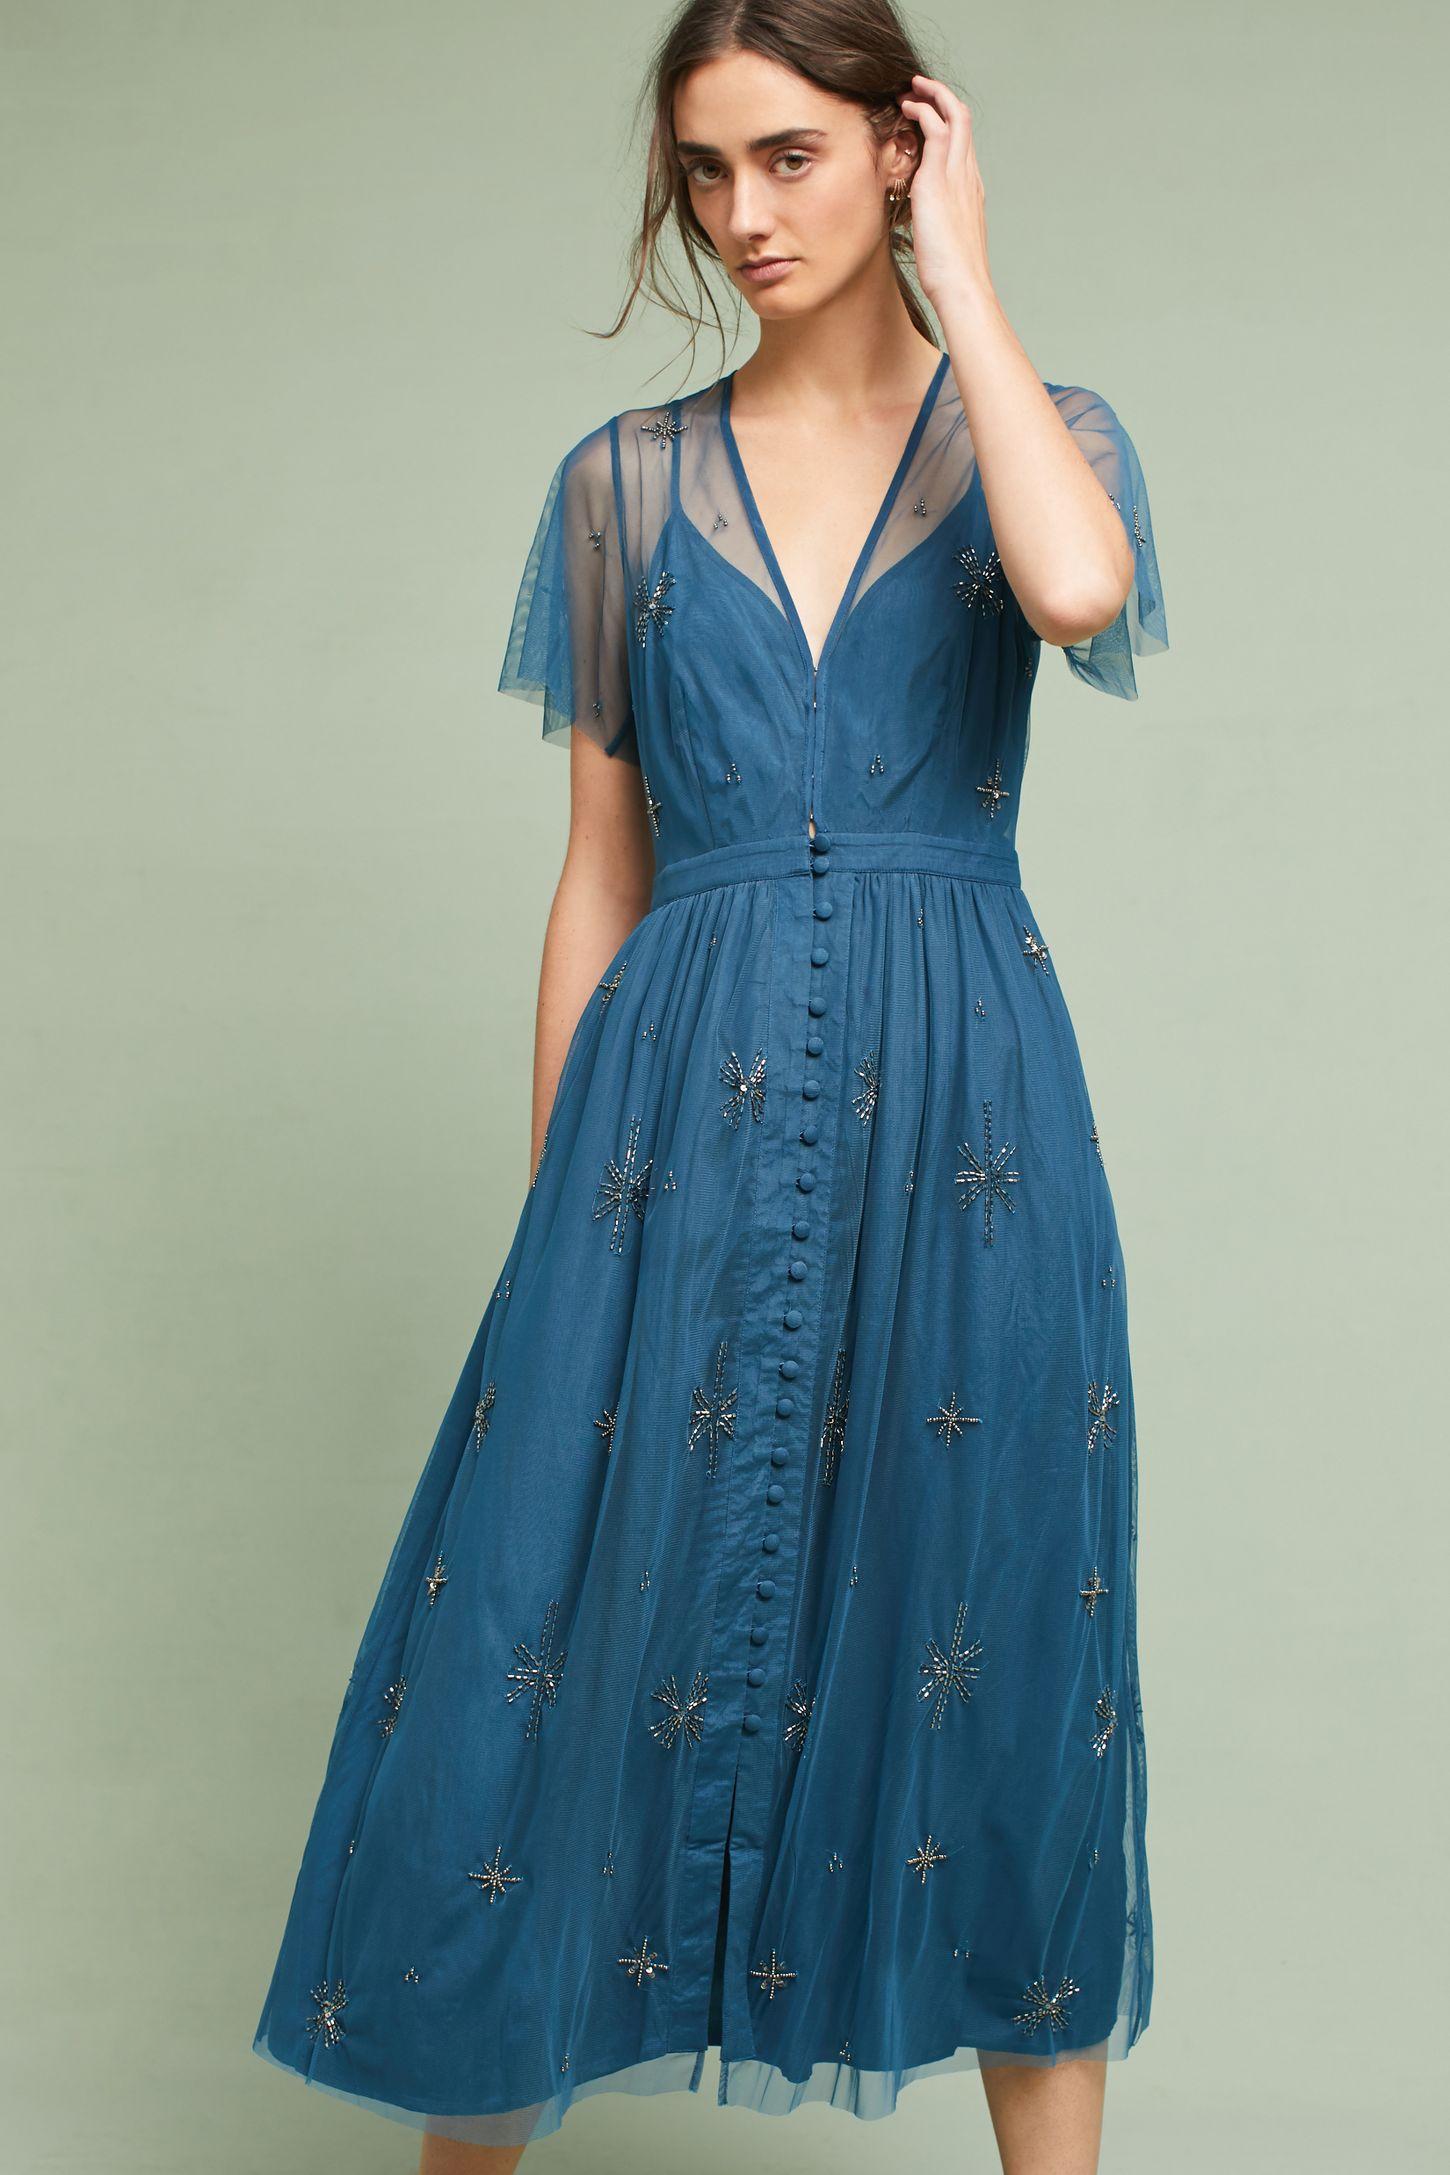 Lille Beaded Midi Dress | Anthropologie